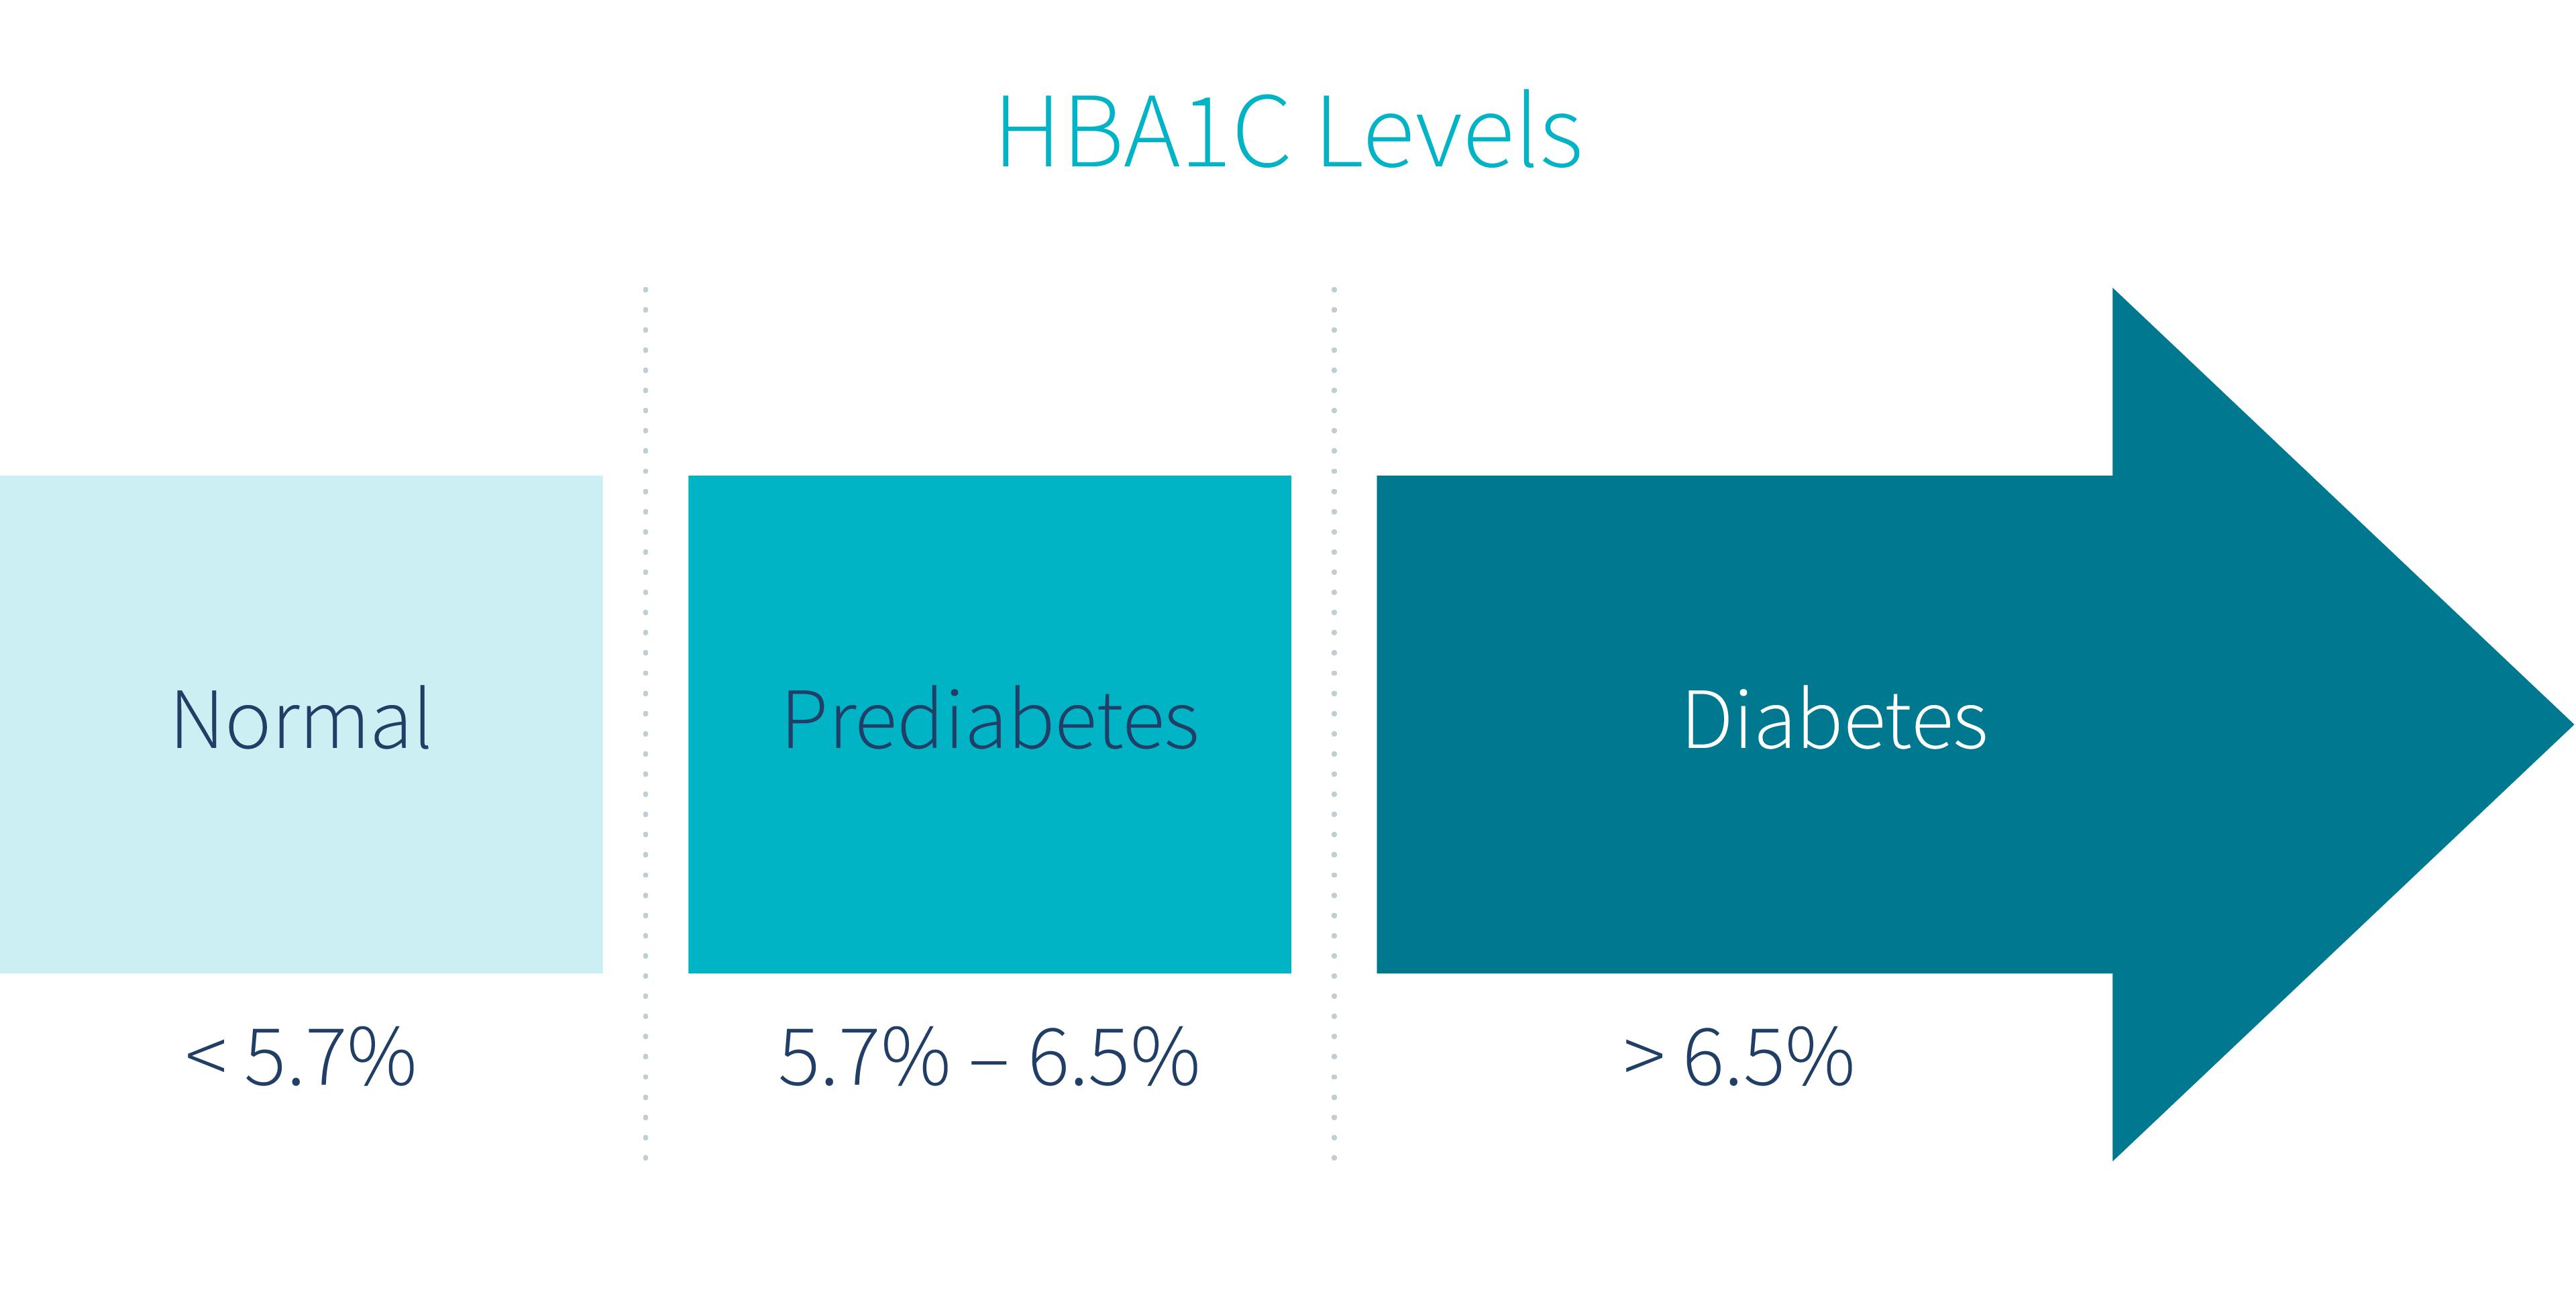 HbA1c-Levels